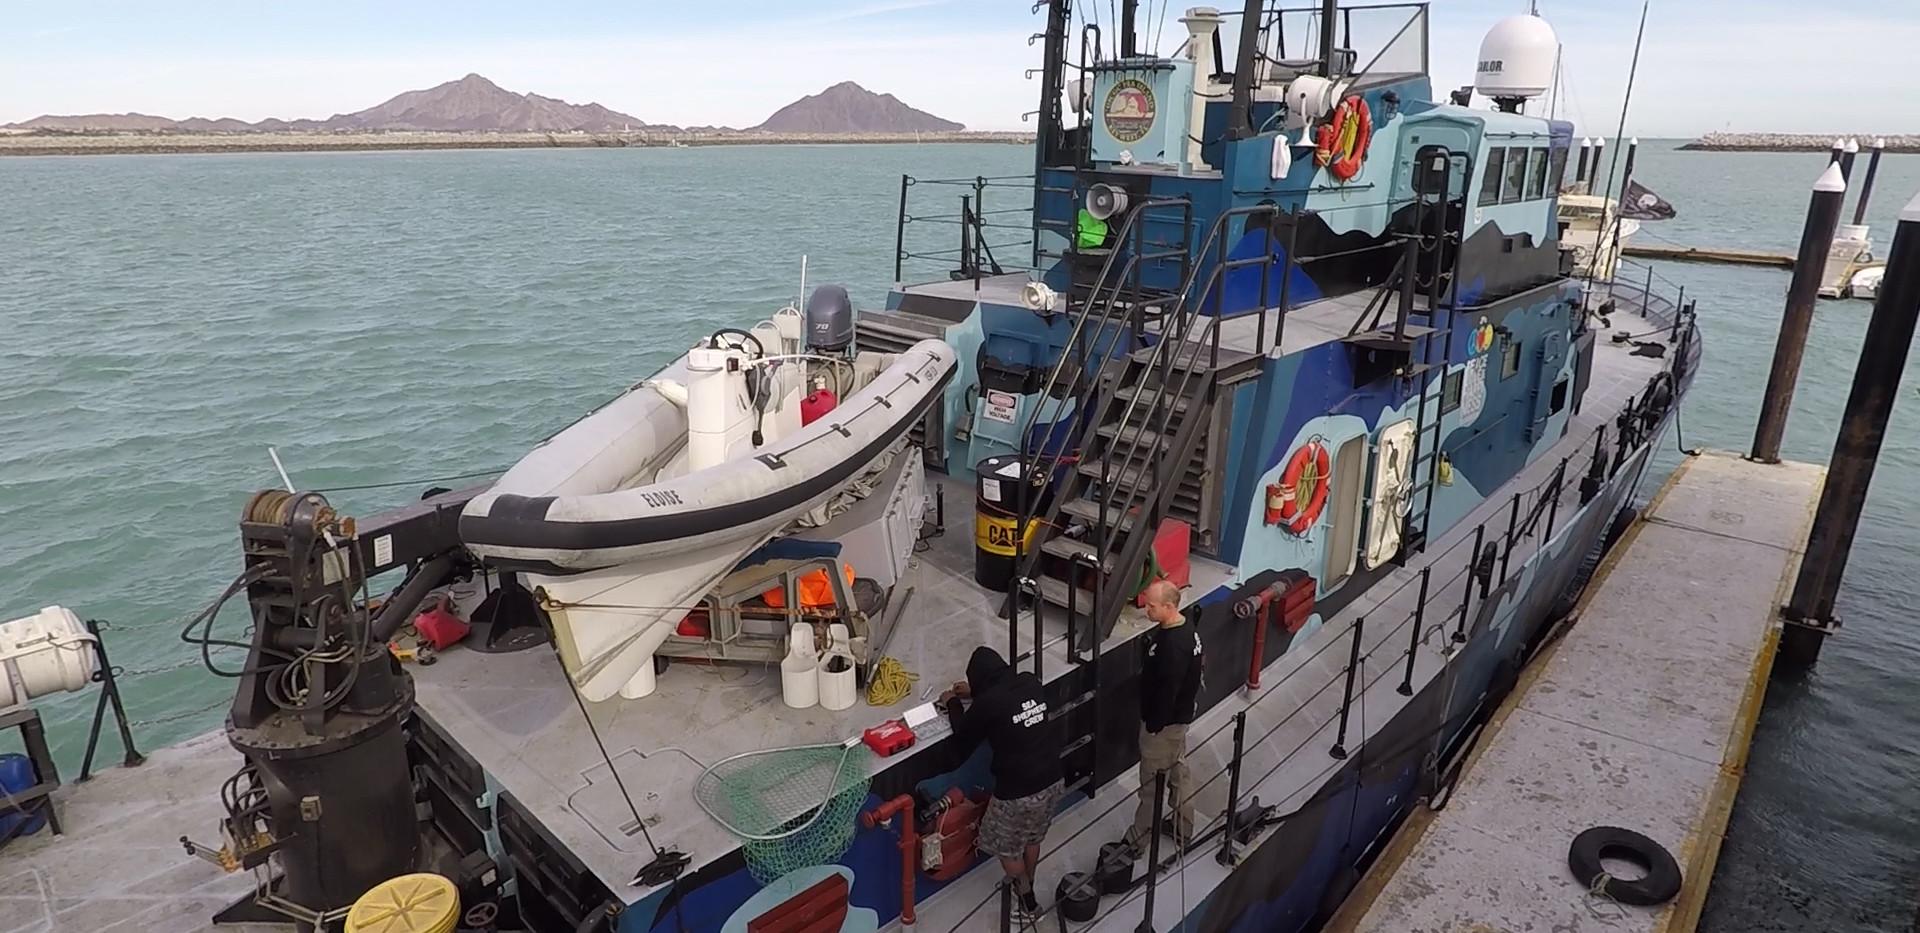 sea shepherd boat2.jpg